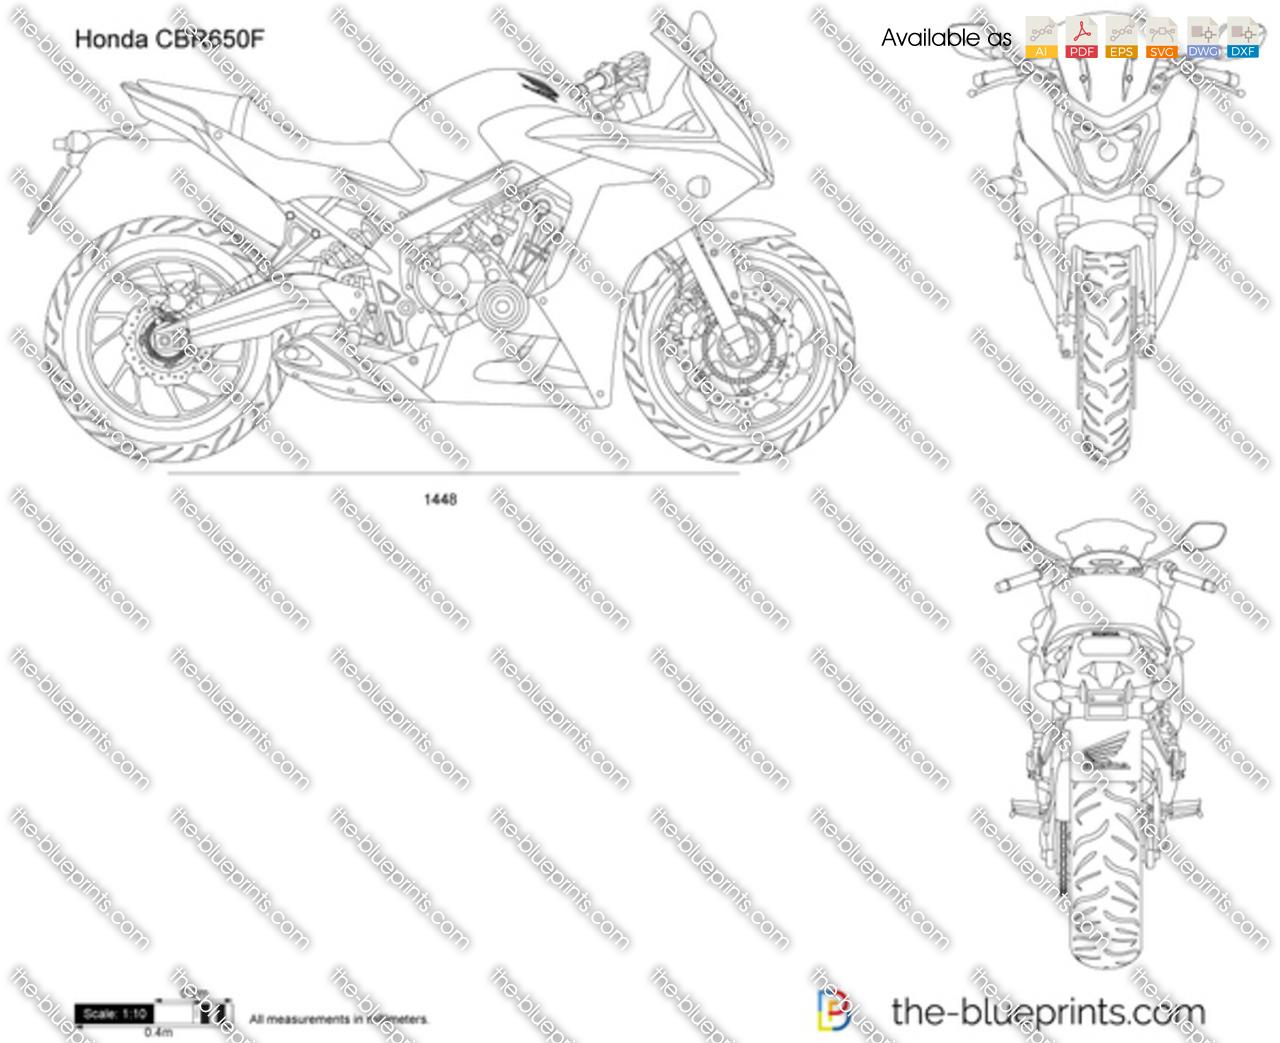 Honda CBR650F vector drawing